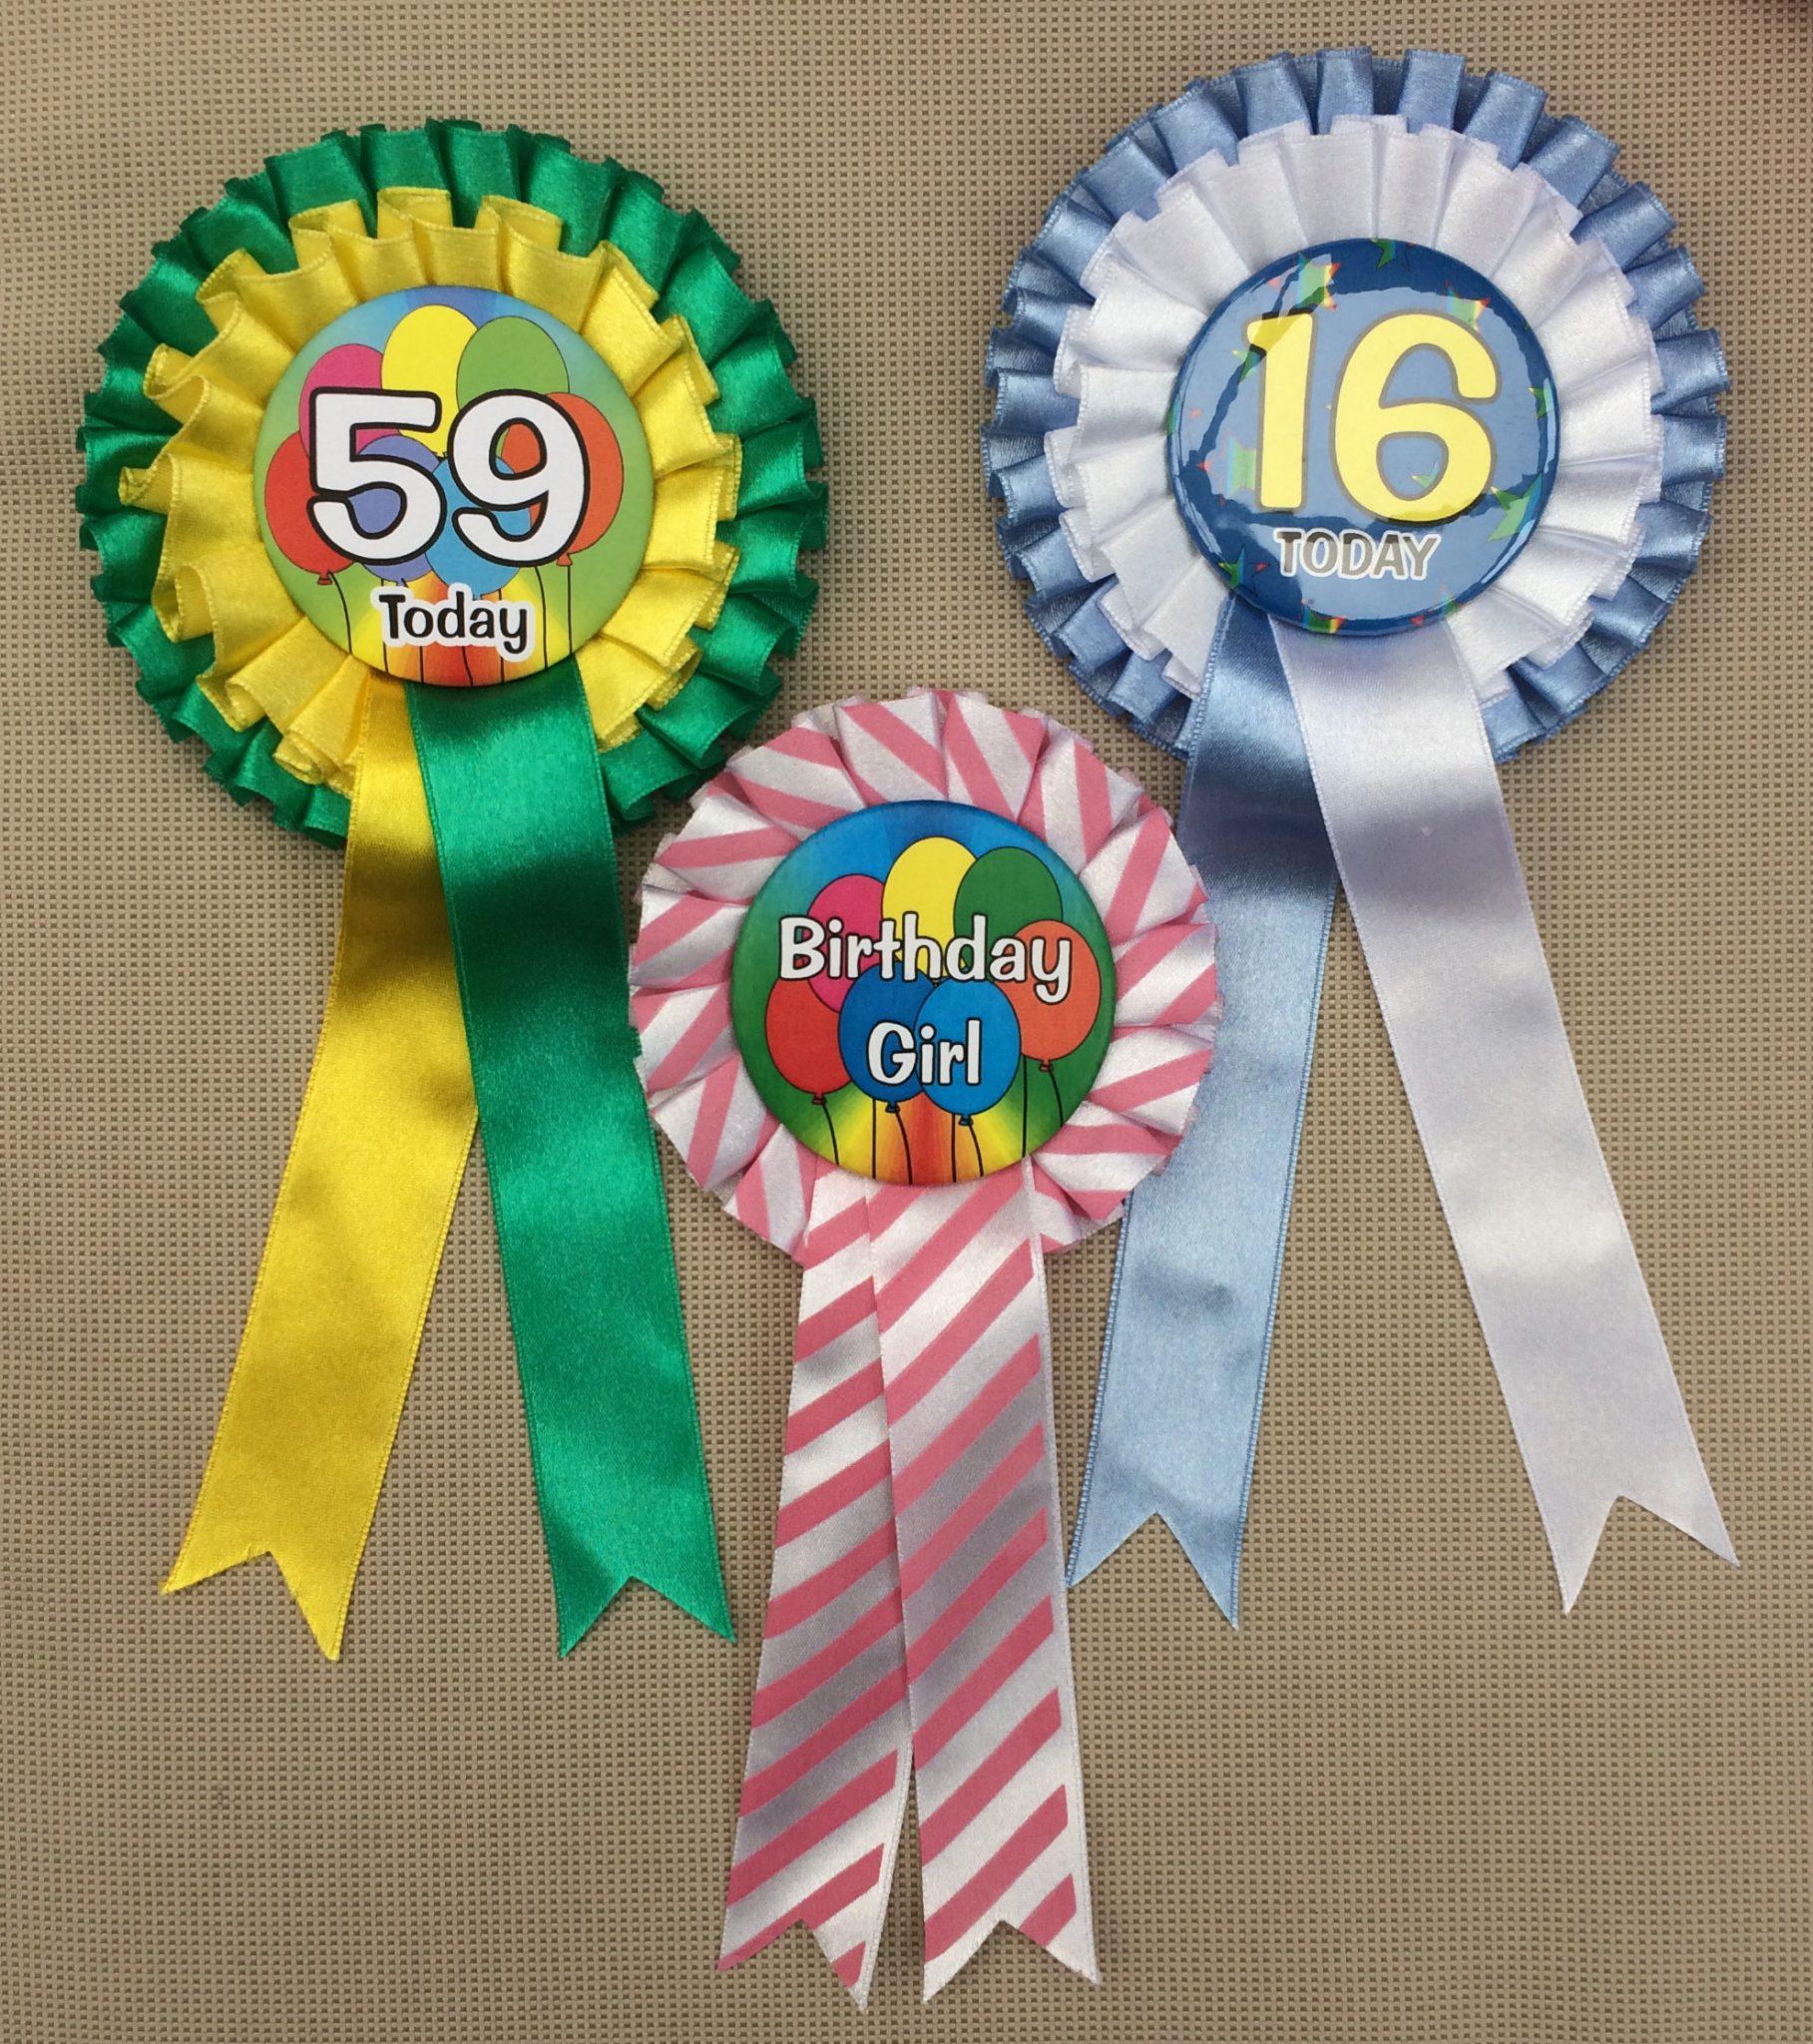 Rosettes for Birthdays